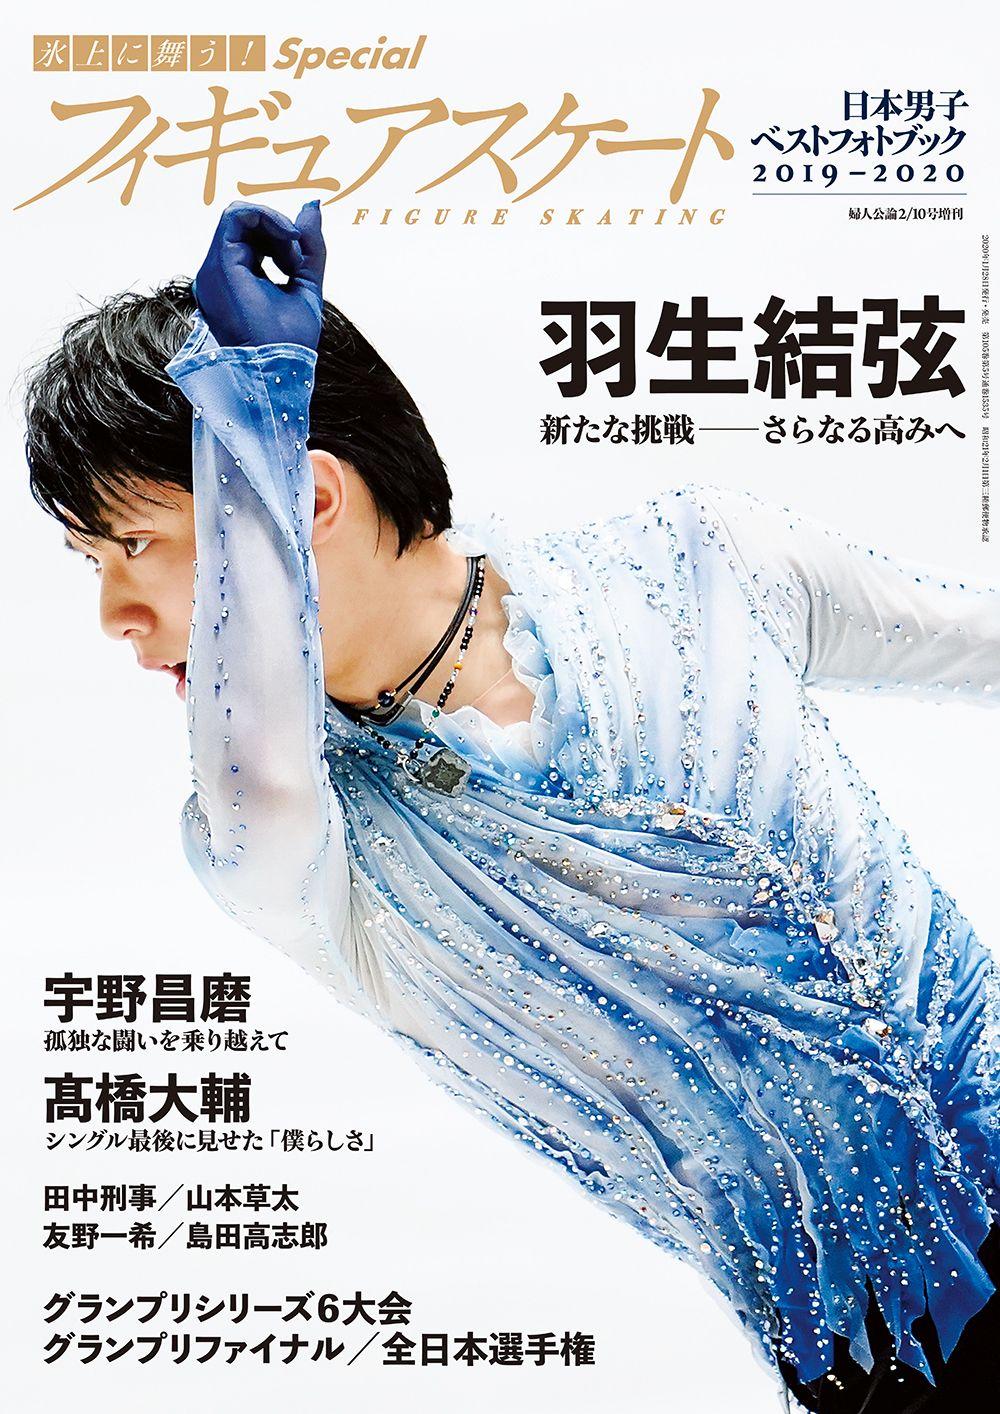 氷上に舞う! Special フィギュアスケート日本男子ベストフォトブック2019-2020